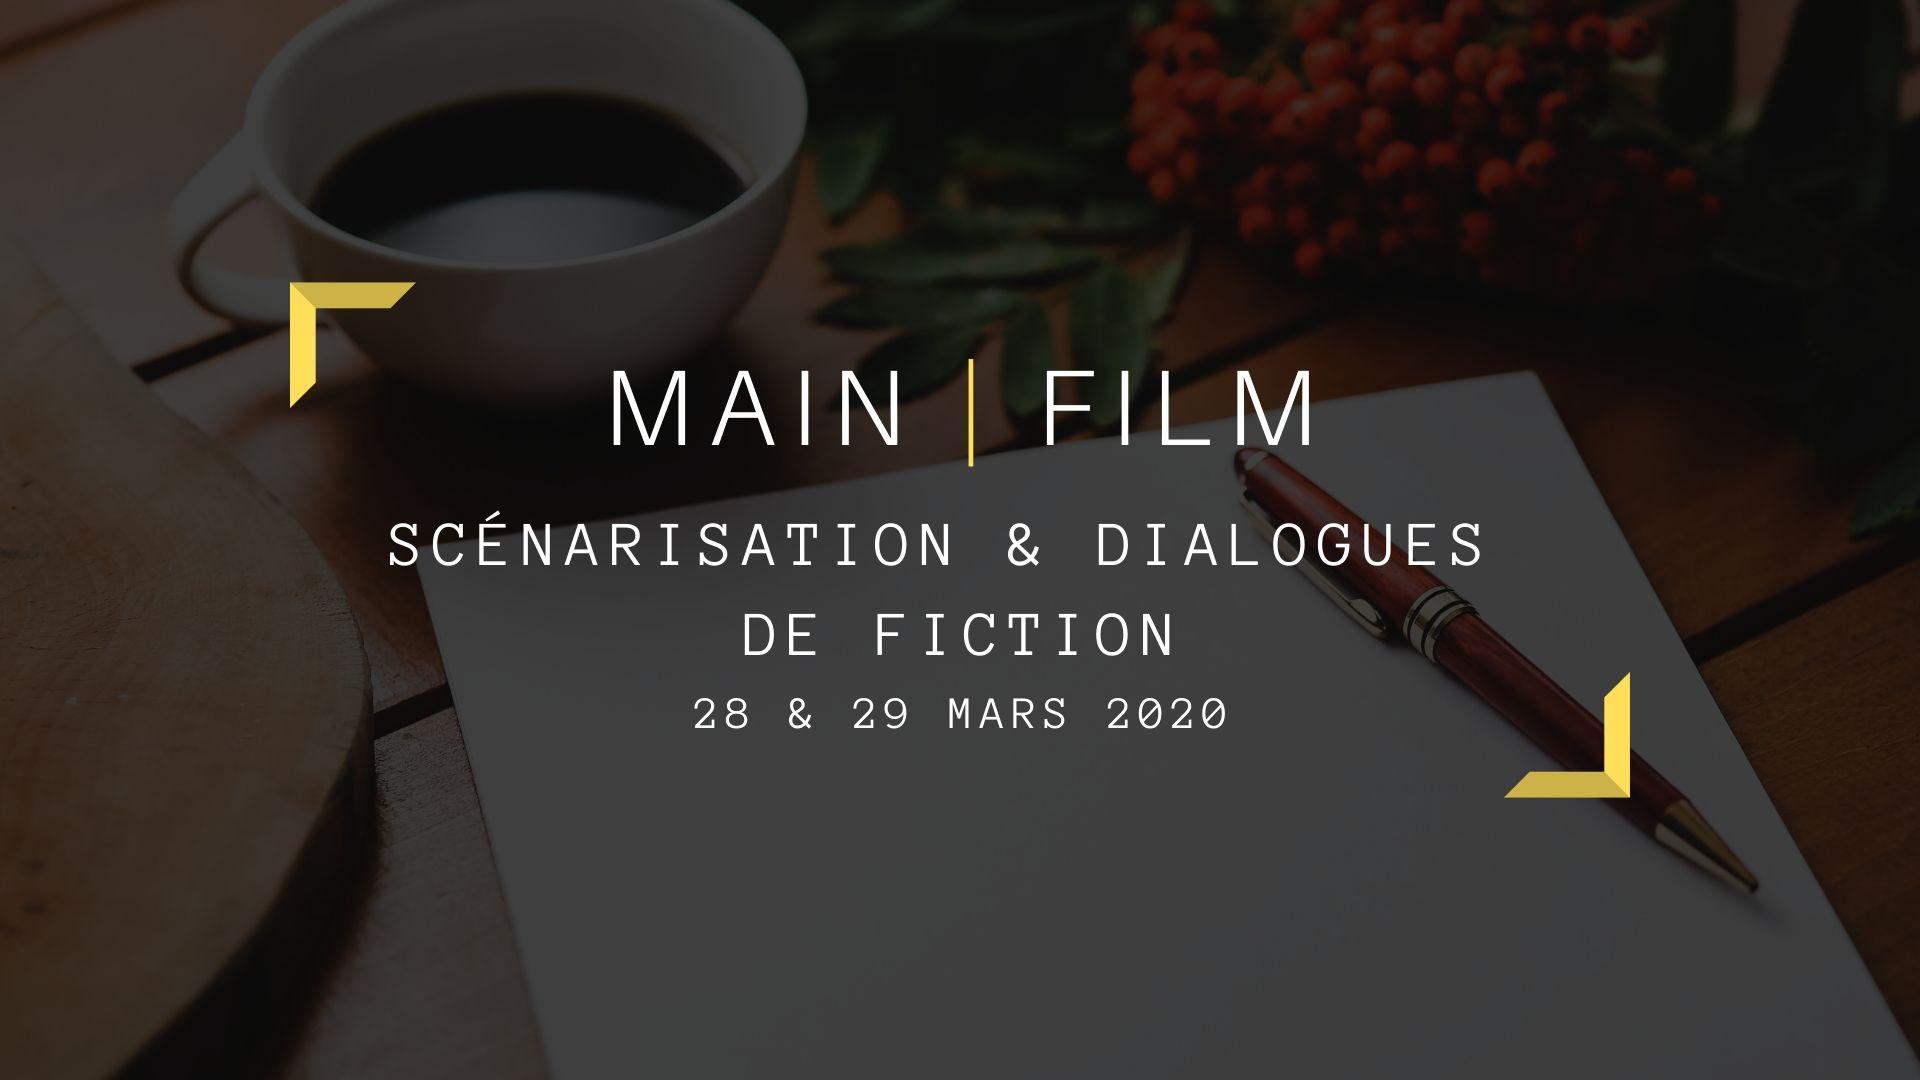 Scénarisation et dialogues de fiction